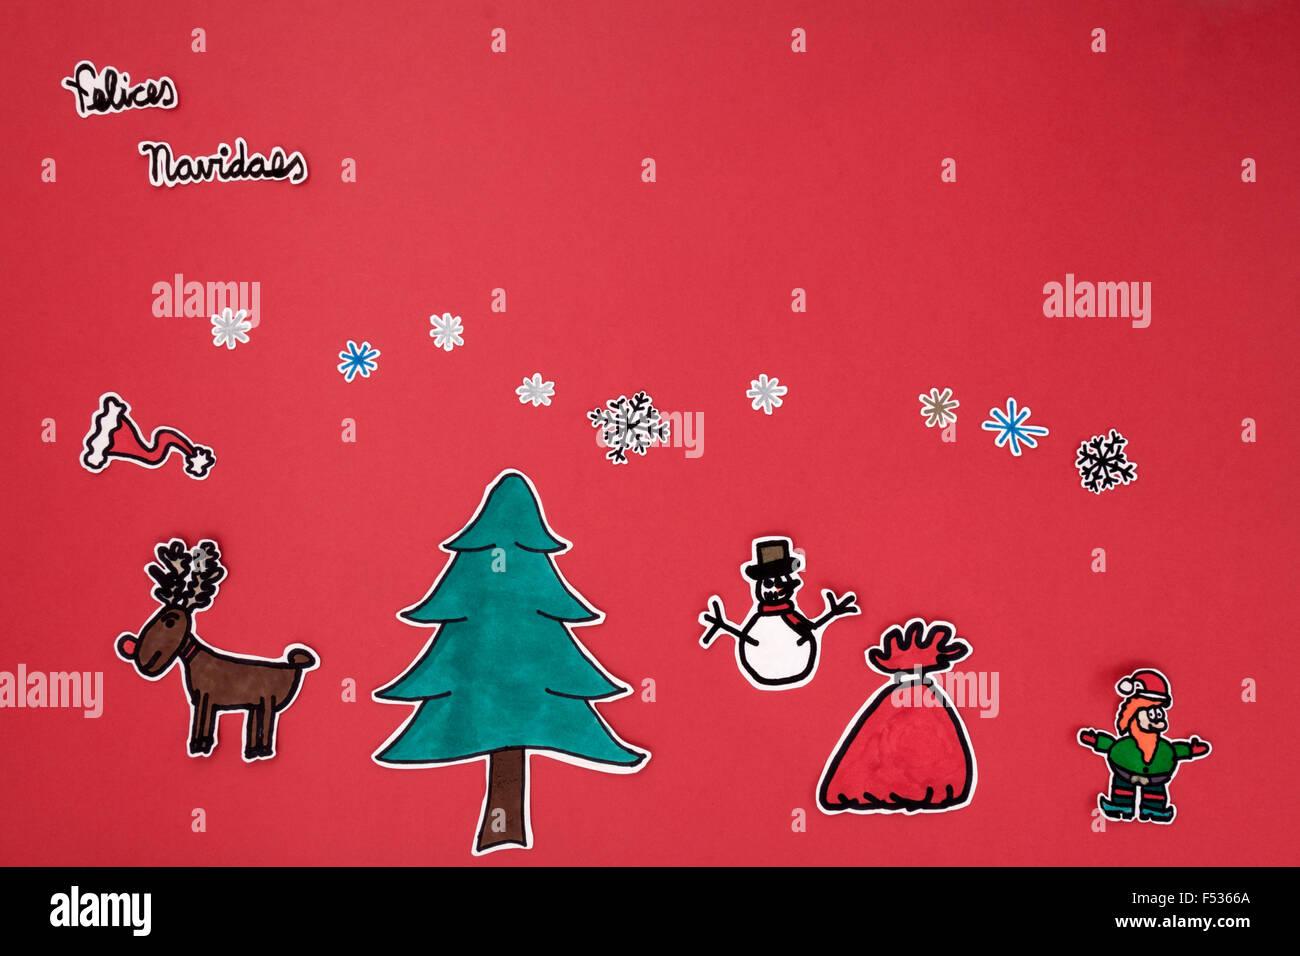 Une vue de dessus de l'horizontale un album de vœux de Noël avec un message de Noël heureux dans l'asturien Photo Stock